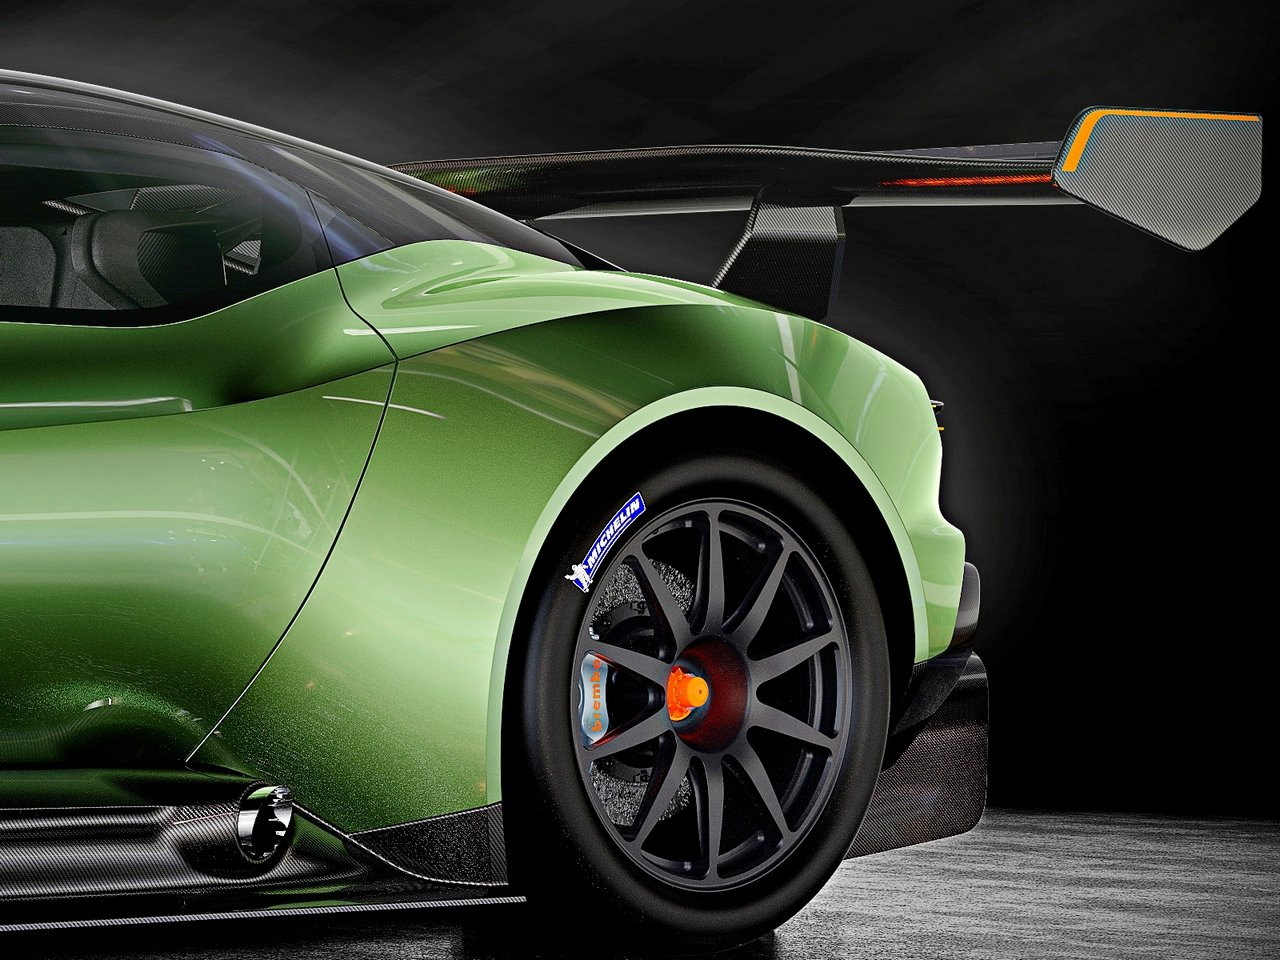 ginevra-2015-aston-martin-vulcan-prezzo-price-0-100_13